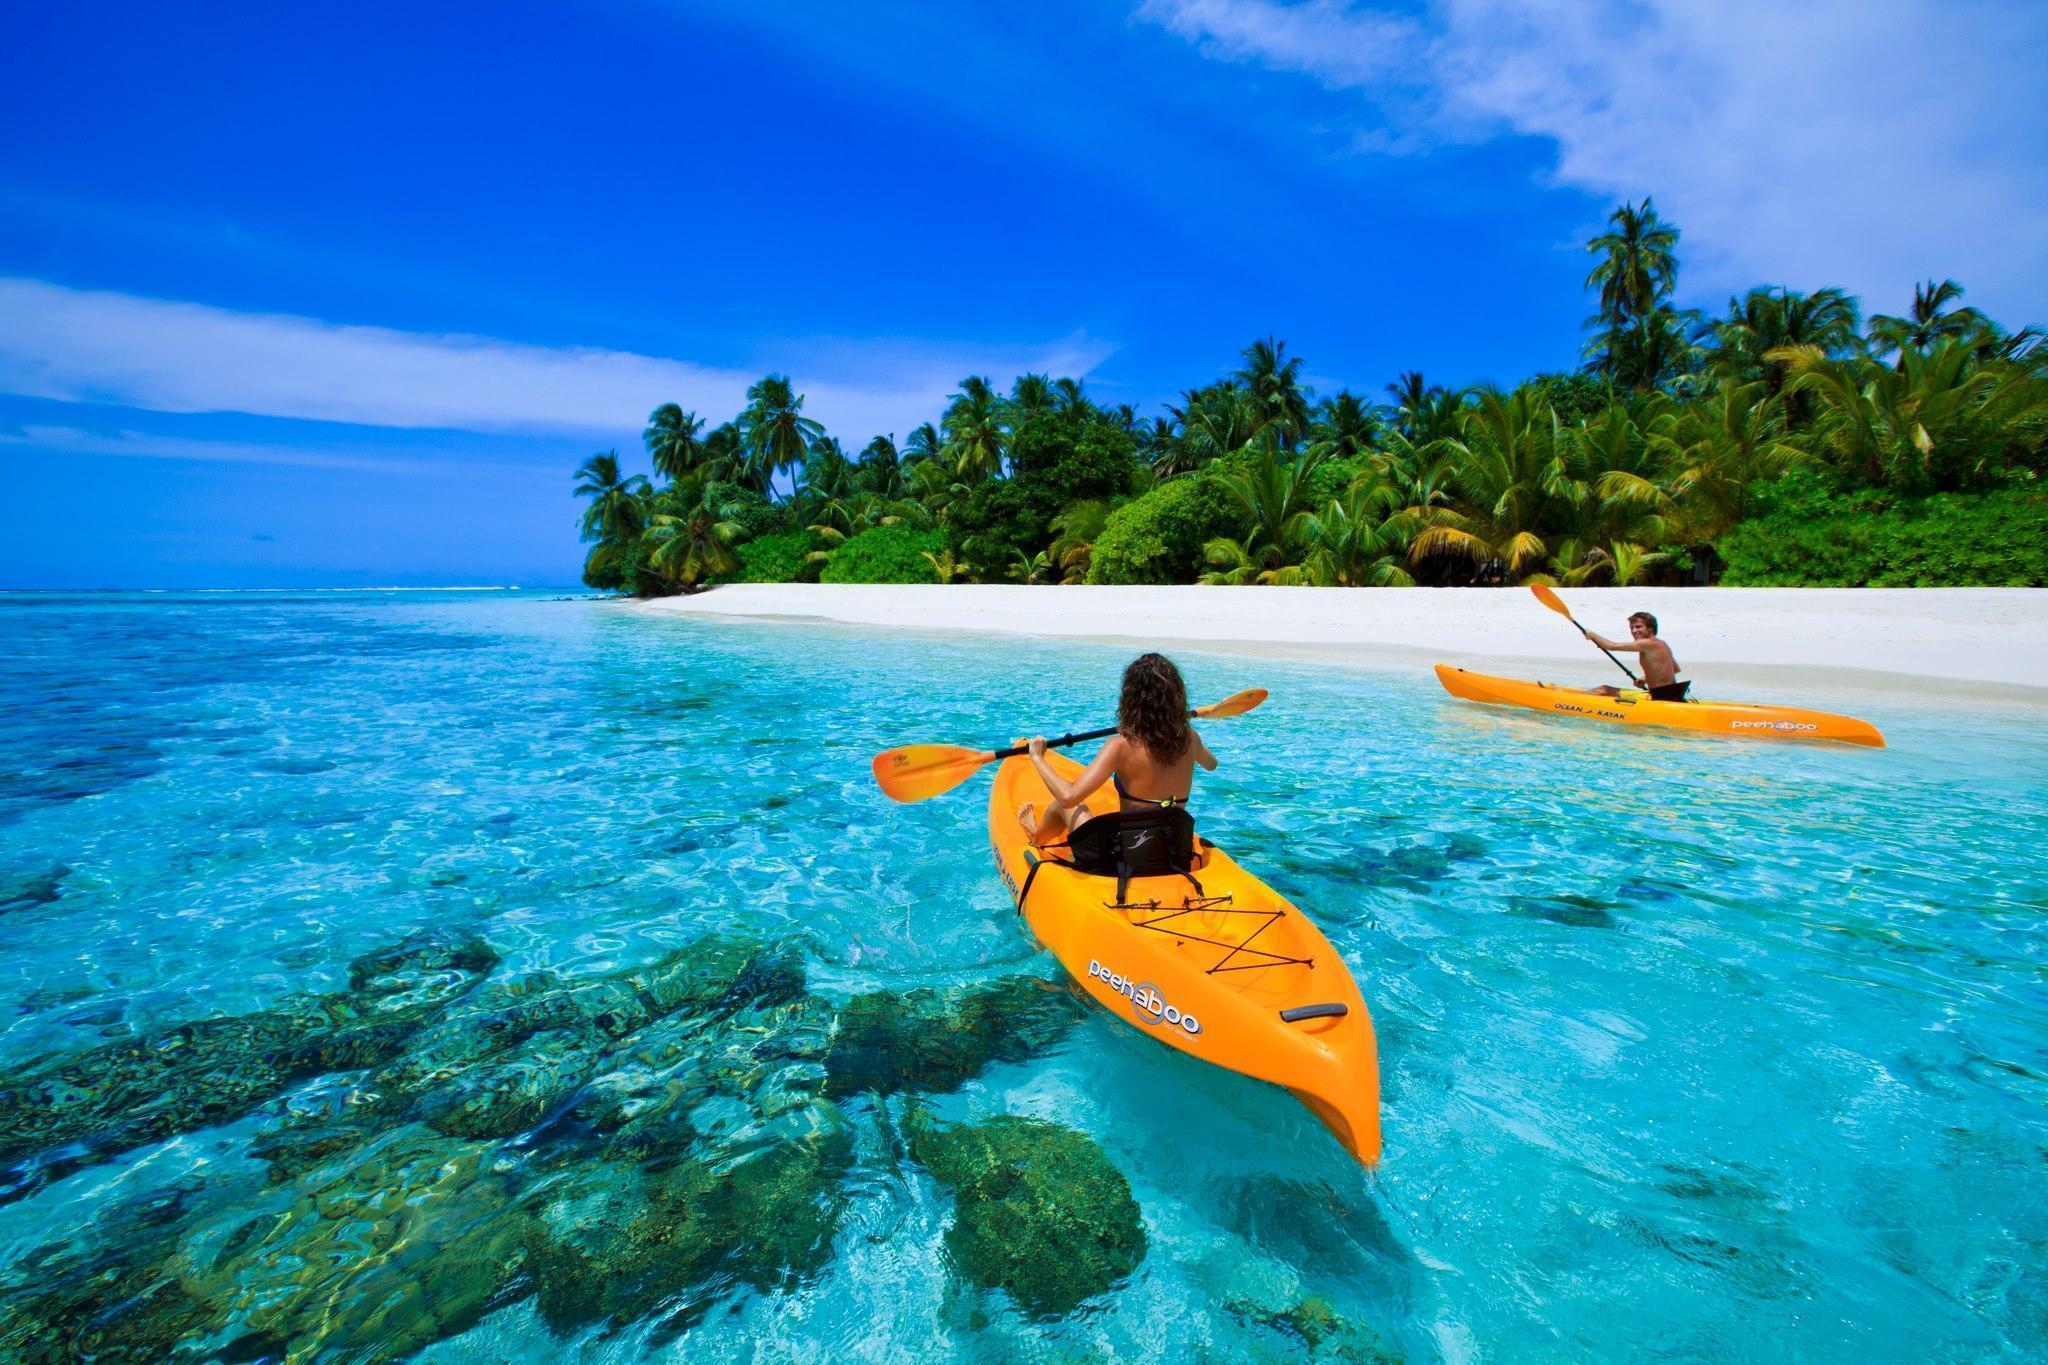 Hasil gambar untuk maldives hd